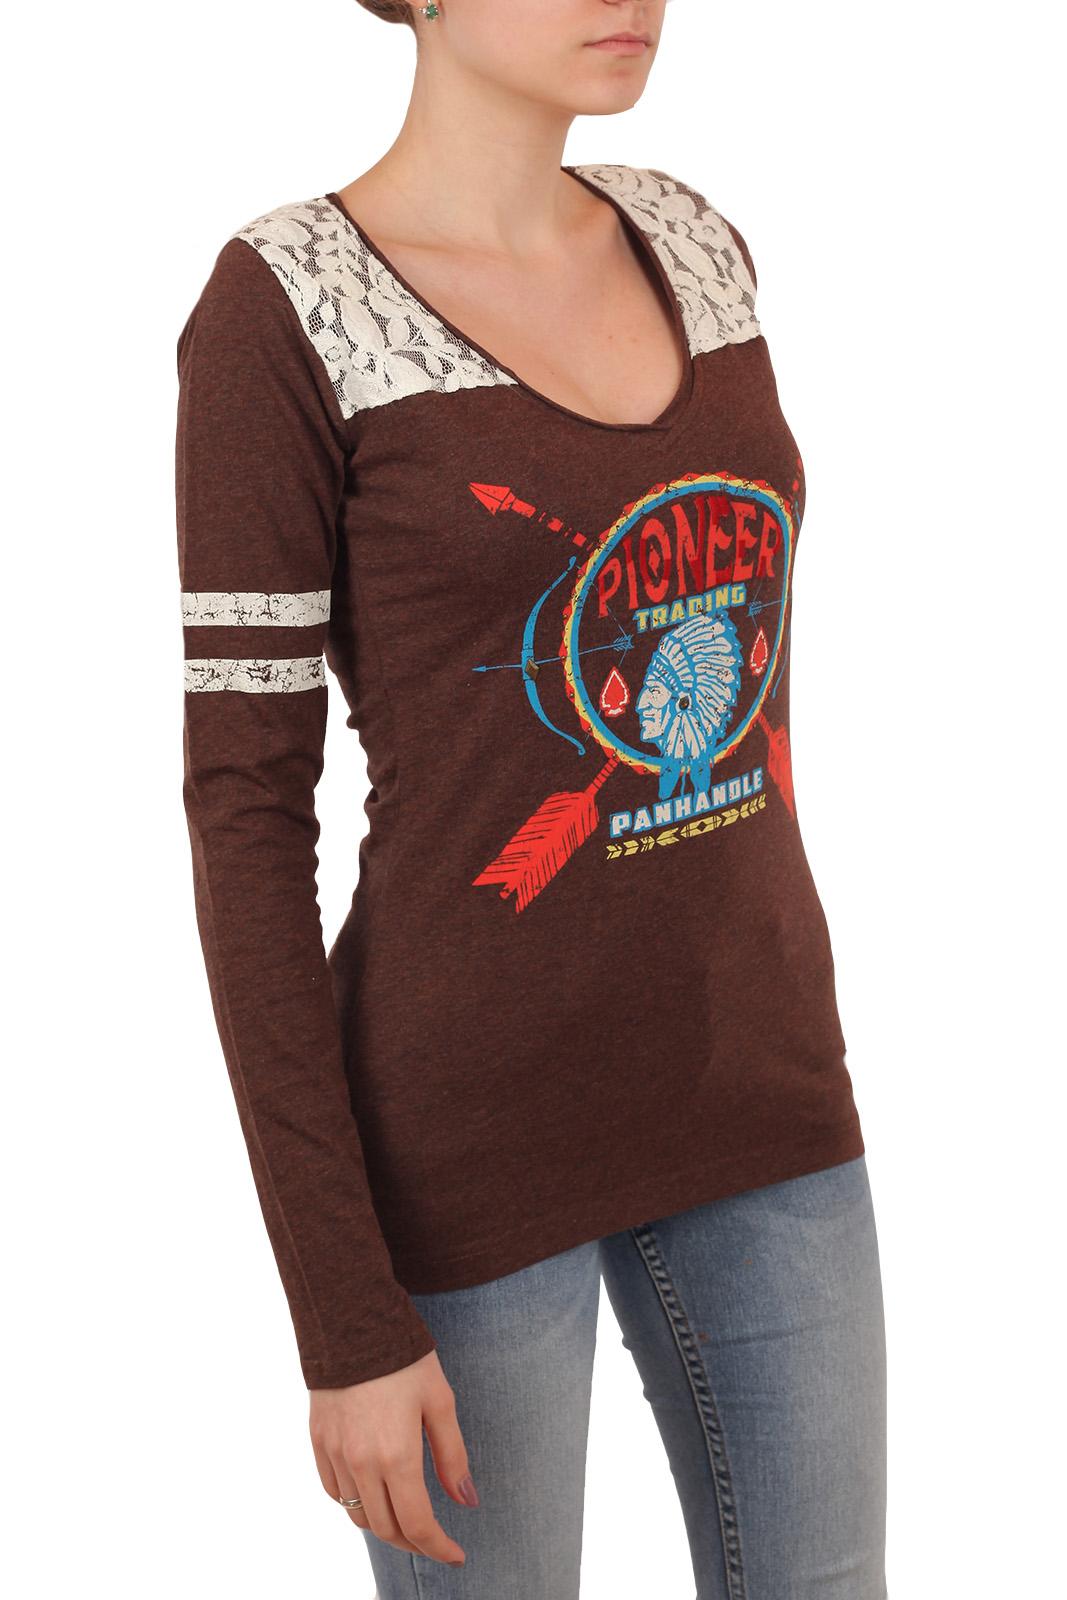 Женская кофта-пуловер с принтом и ажурным декором на плечах. Дизайнеры Panhandle предлагают эту модель под ЛЮБОЙ ансамбль. Не усложняй!